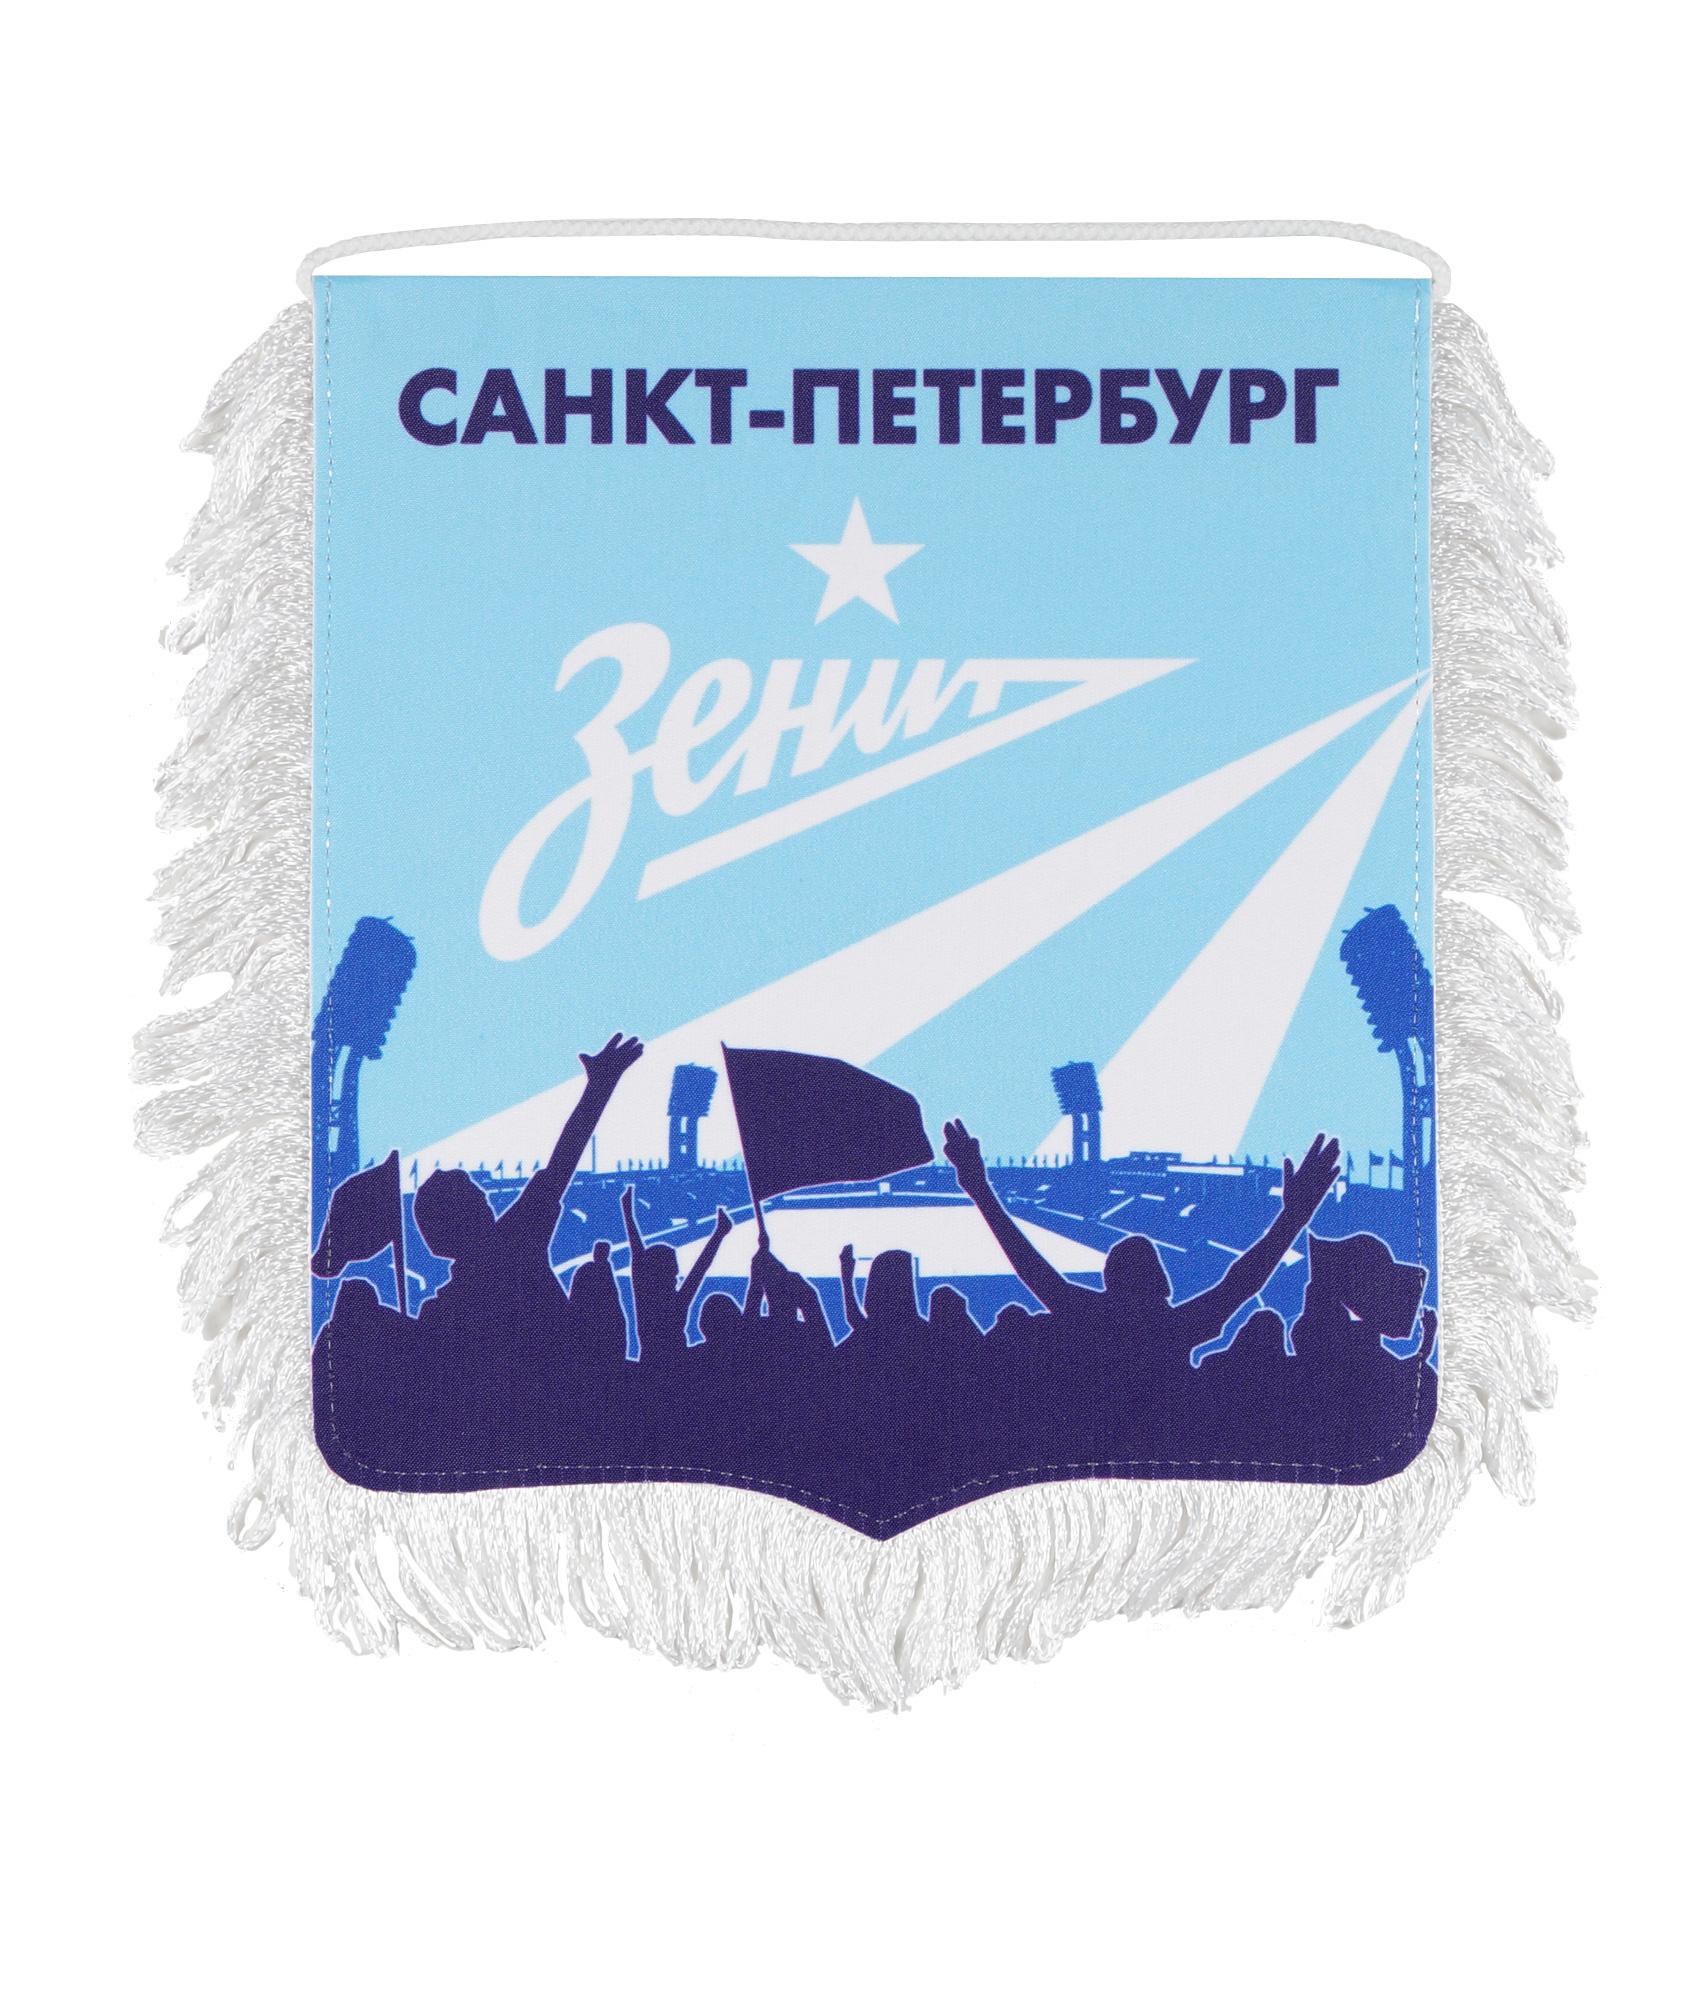 Вымпел «Фанаты» Зенит манометр вымпел мн 03